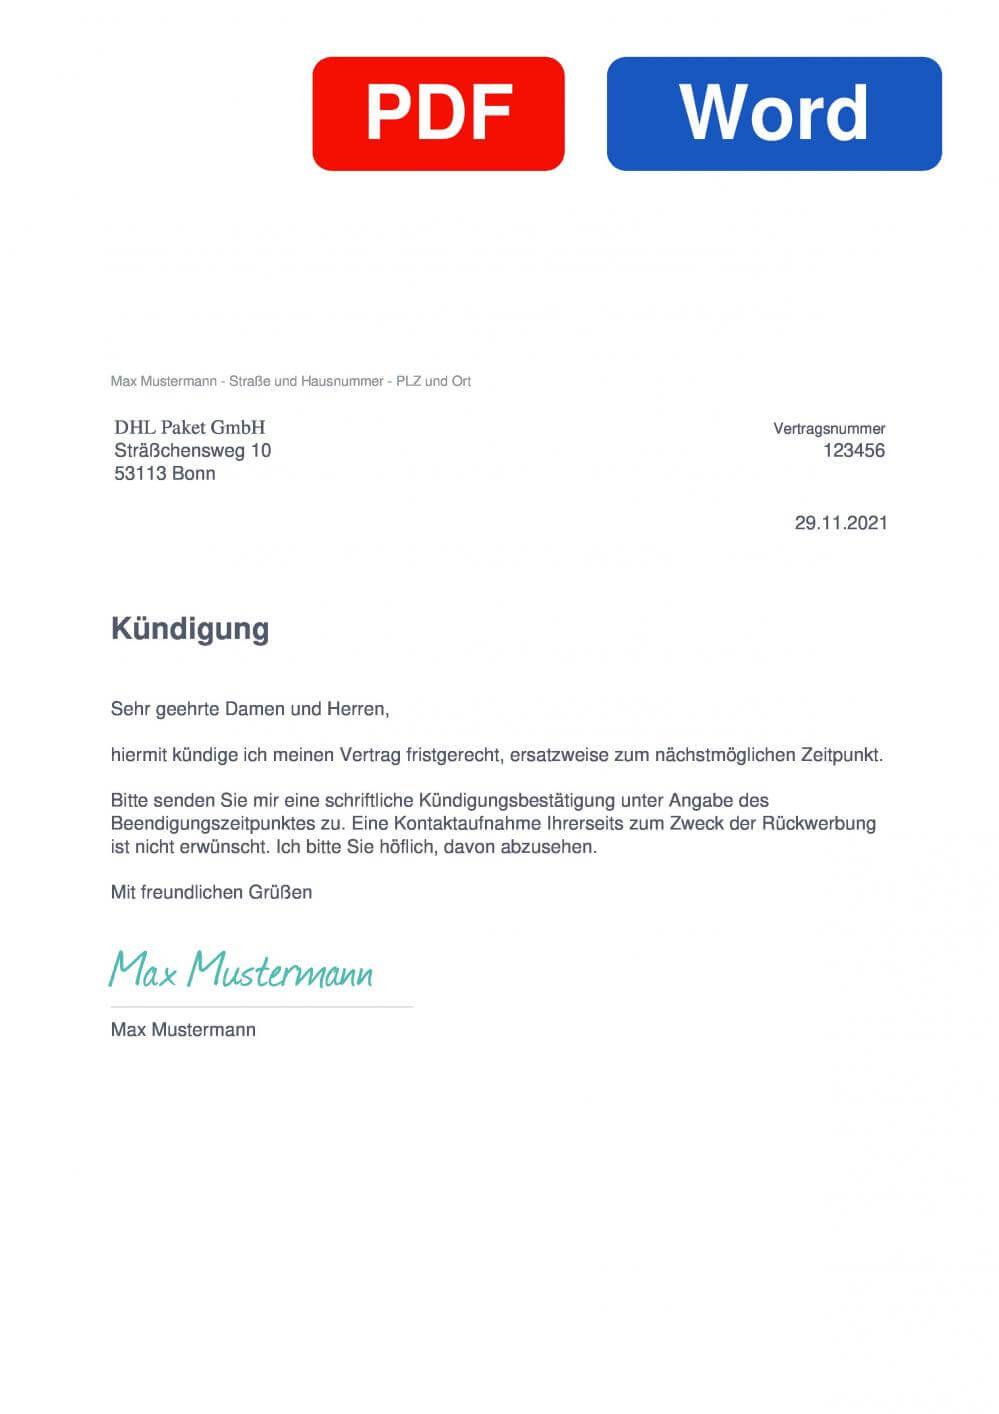 DHL Packstation Muster Vorlage für Kündigungsschreiben